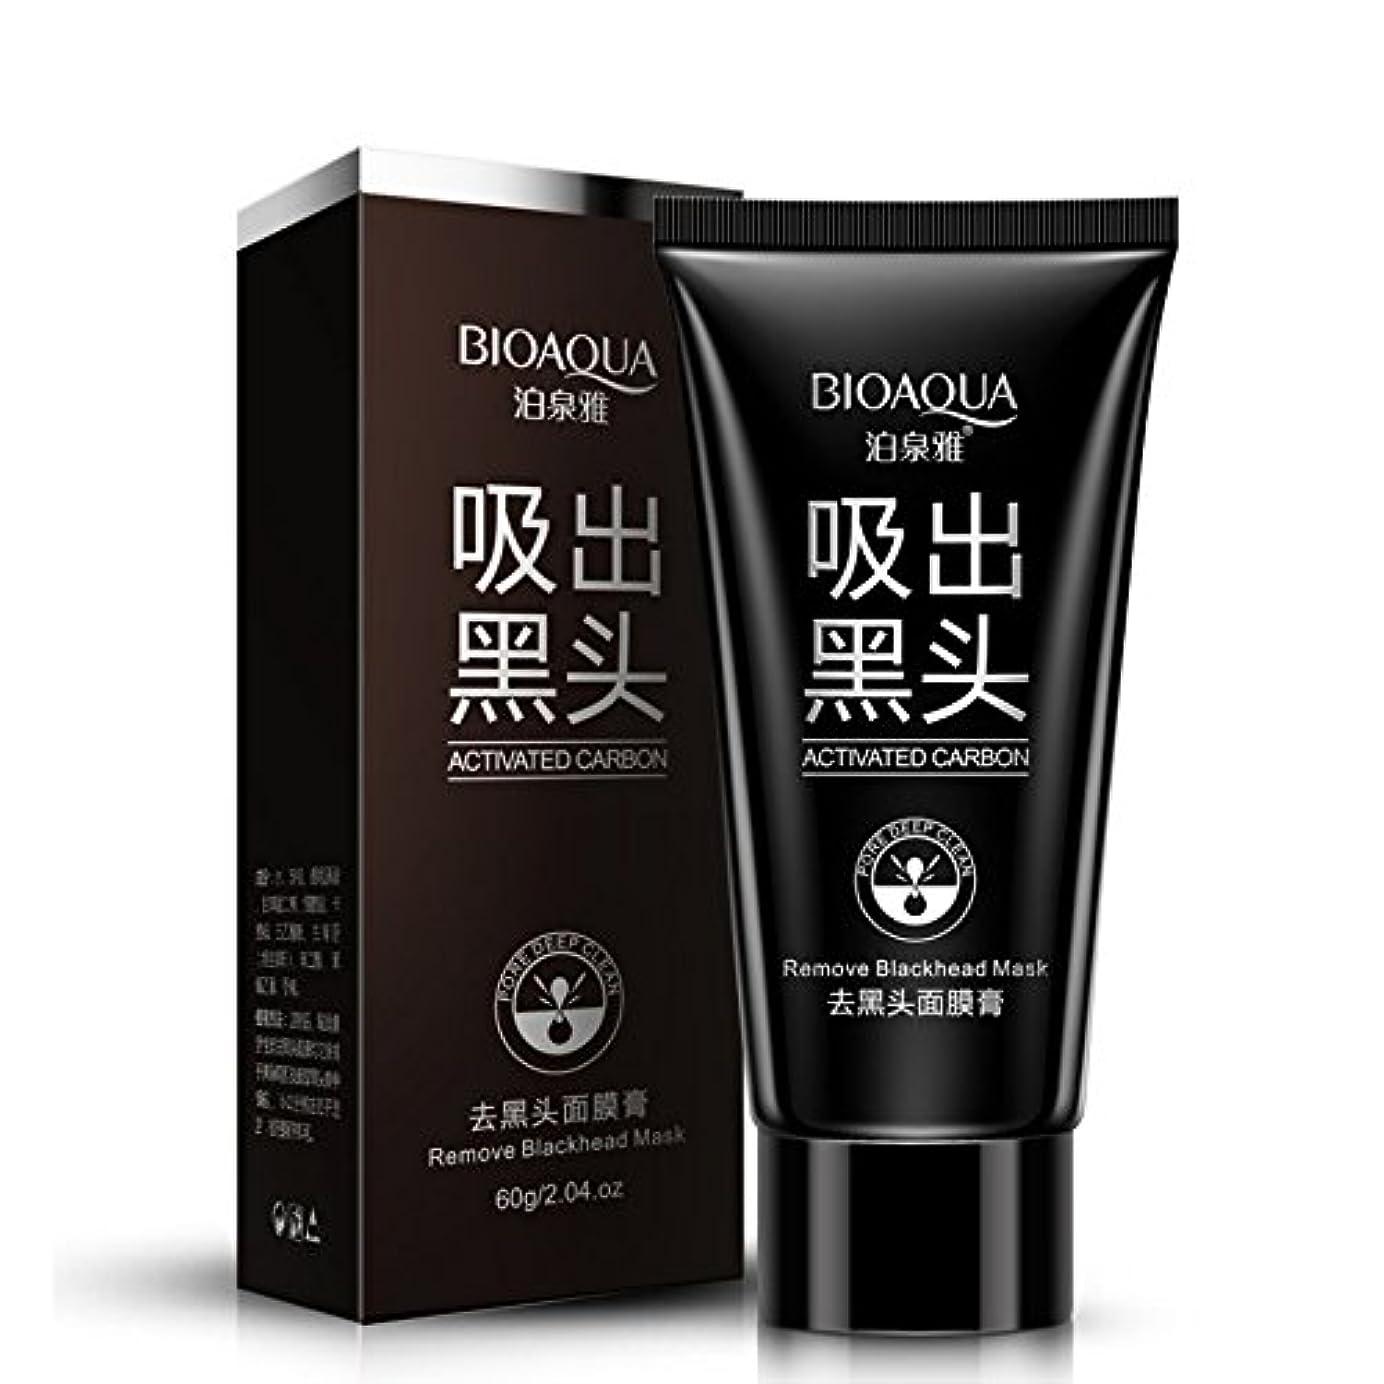 メナジェリー略語きらめくSuction Black Mask Shrink Black Head Spots Pores,Face Mask Blackhead Removal Blackheads Cosmetics Facials Moisturizing Skin Care.